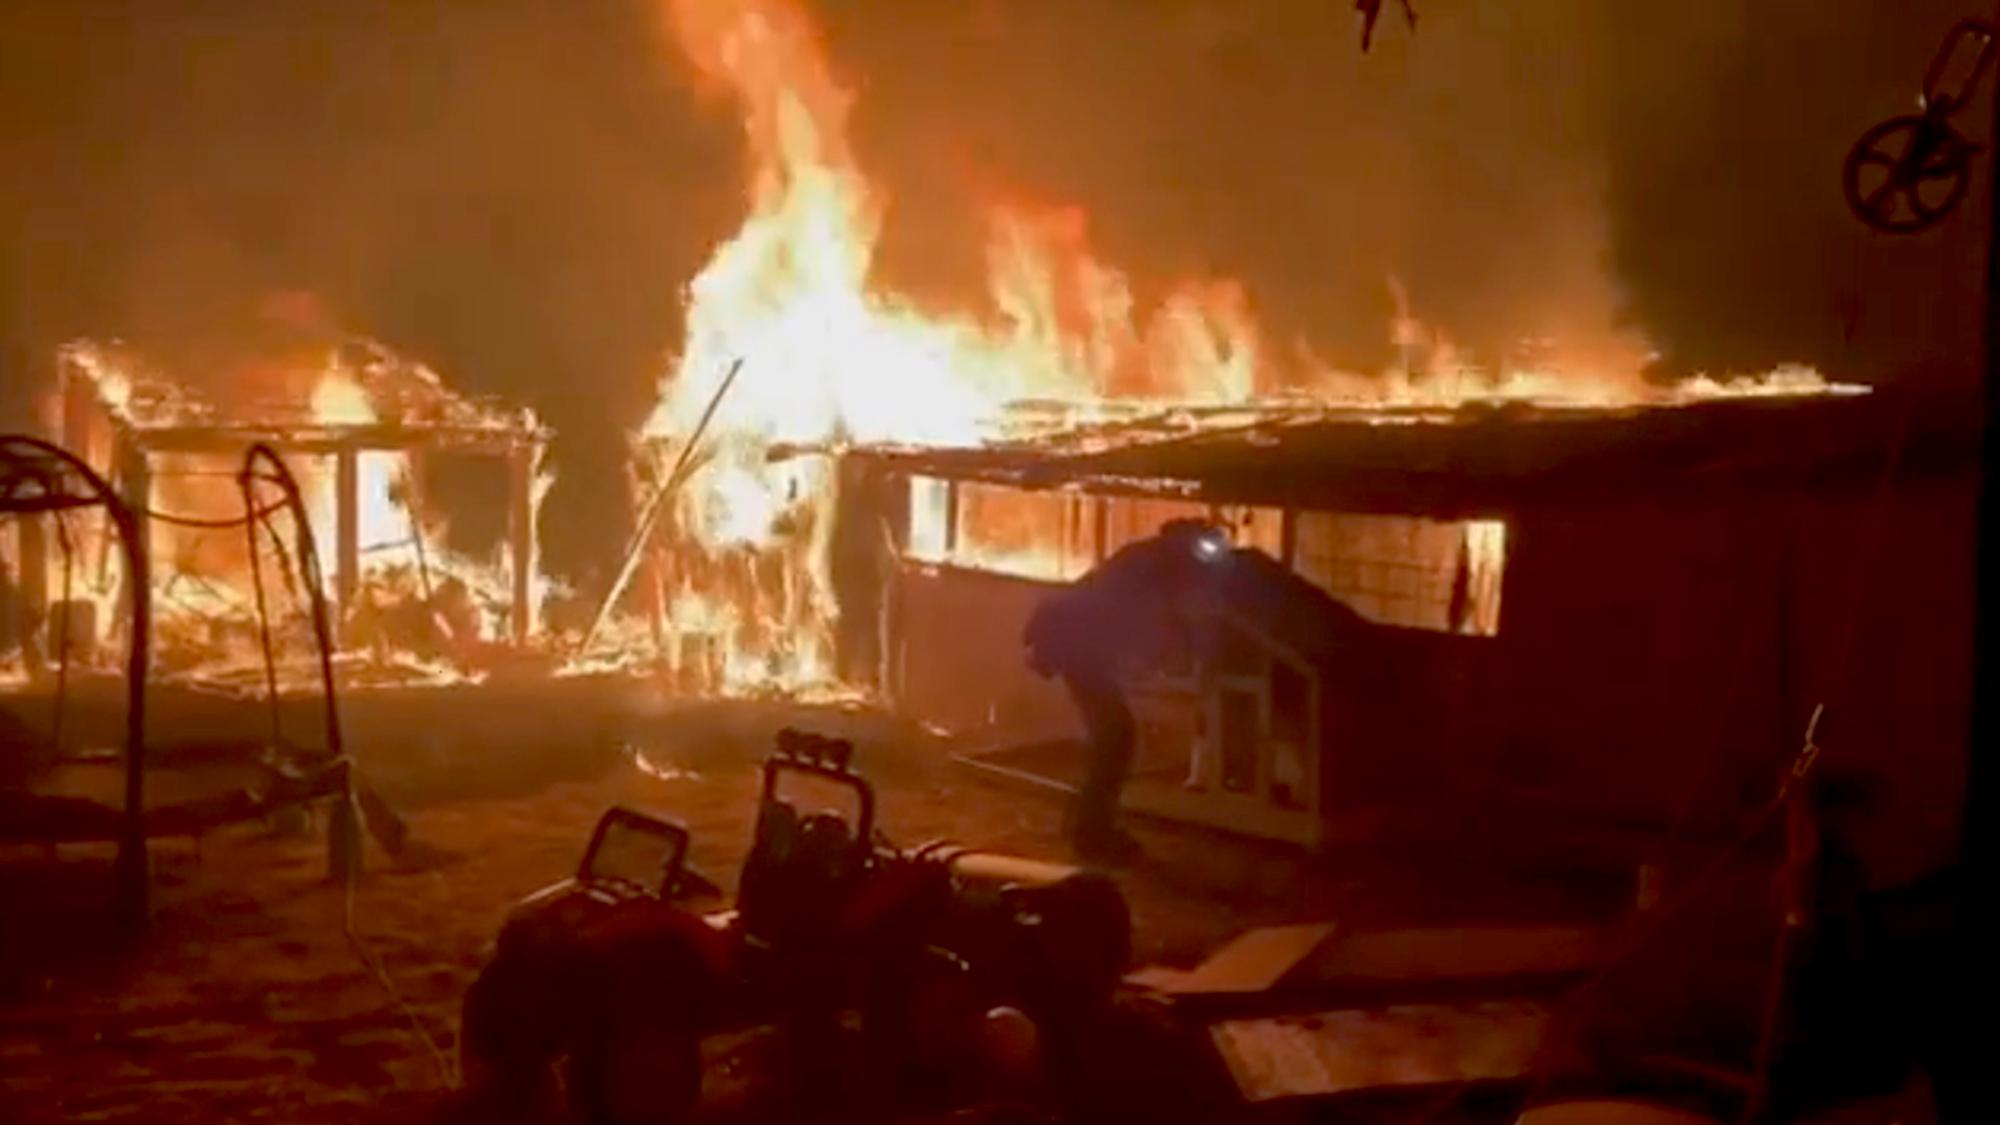 VIDEO: U.S. Firefighters Battle Blaze Threatening Trucks